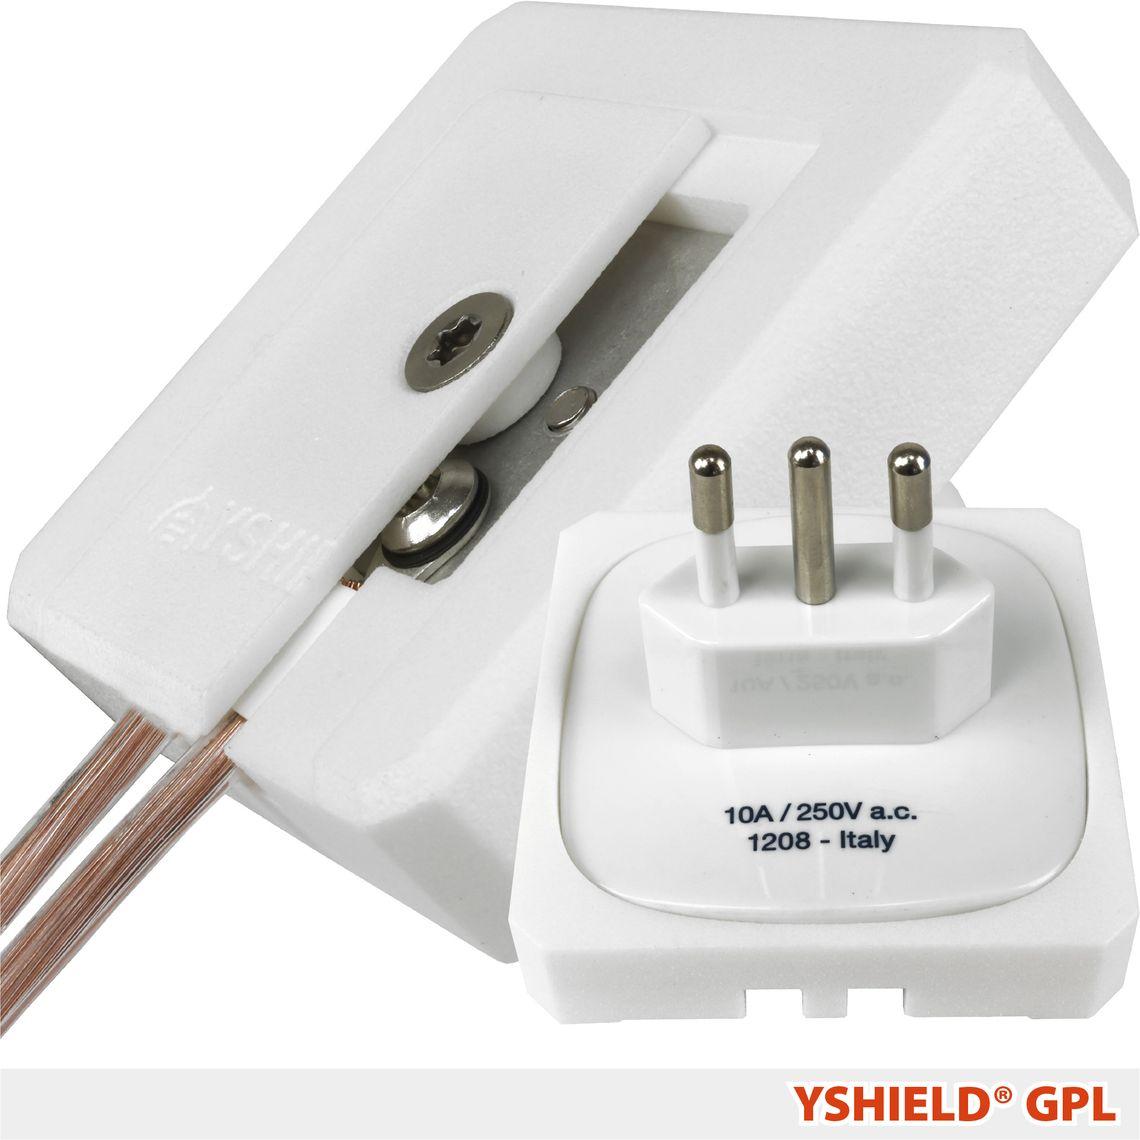 YSHIELD® GPL   Grounding plug L (CEI 23-50)